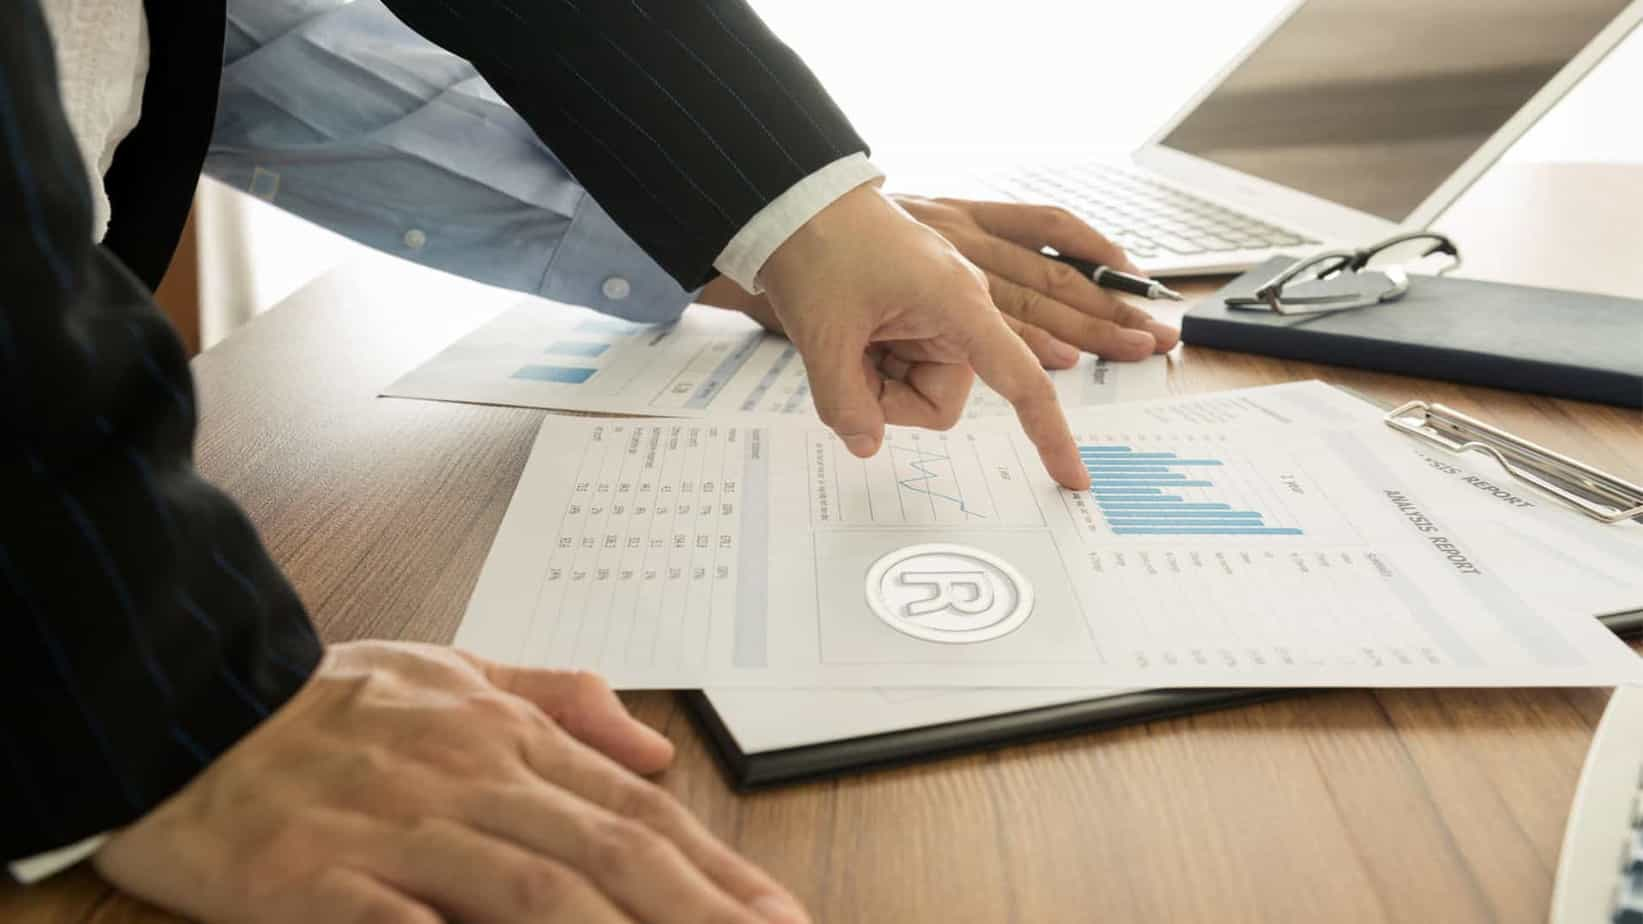 Şirket Nasıl Kurulur